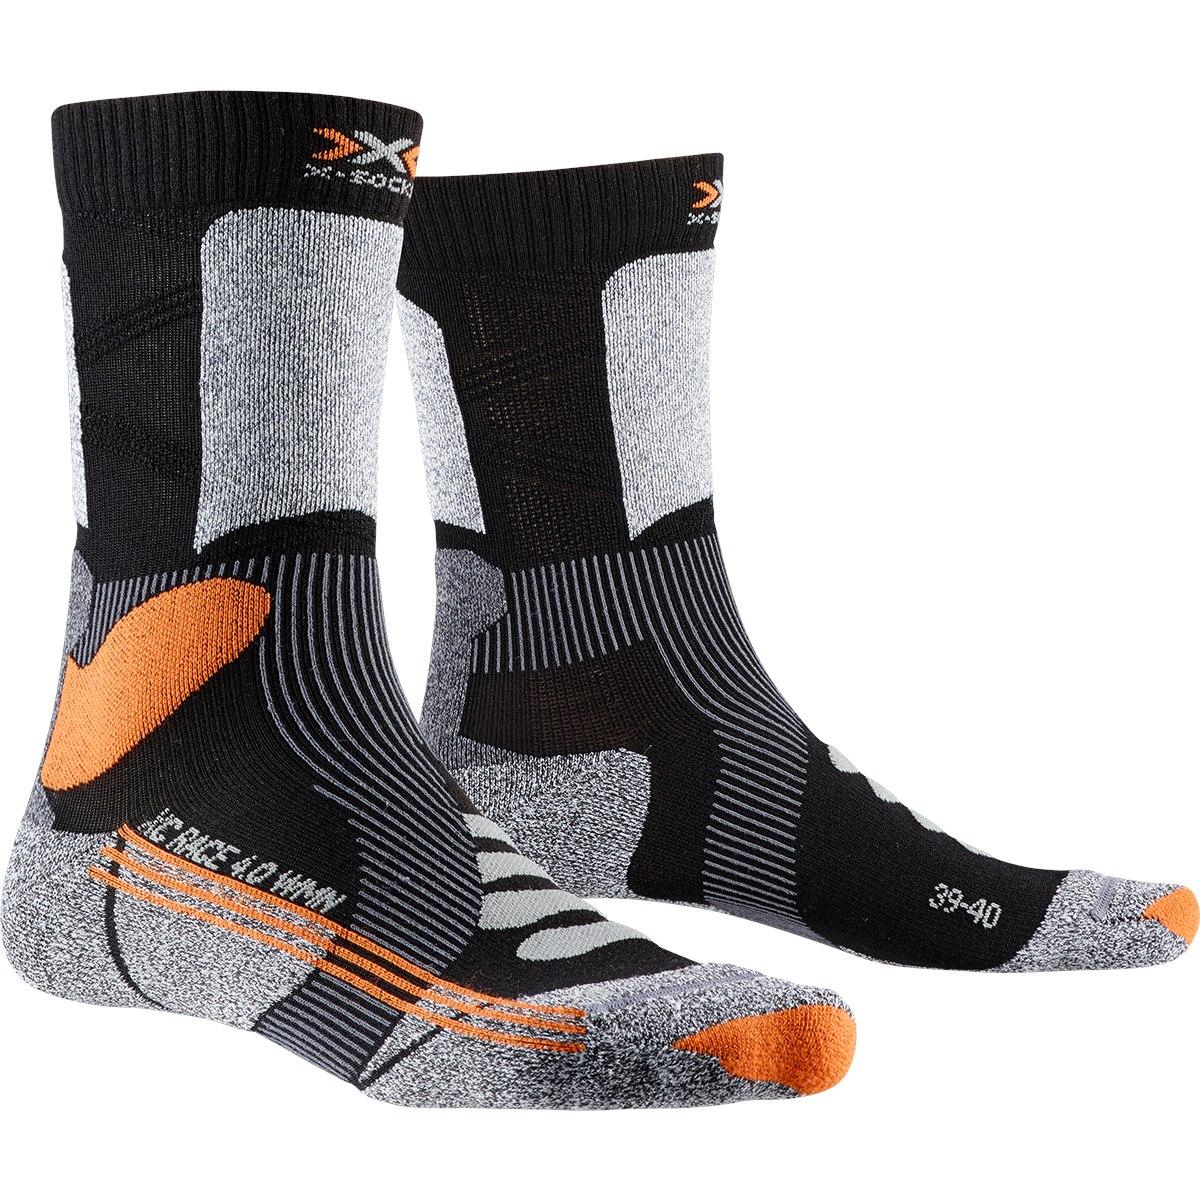 Bild von X-Socks X-Country Race 4.0 Socken für Damen - black/stone grey melange